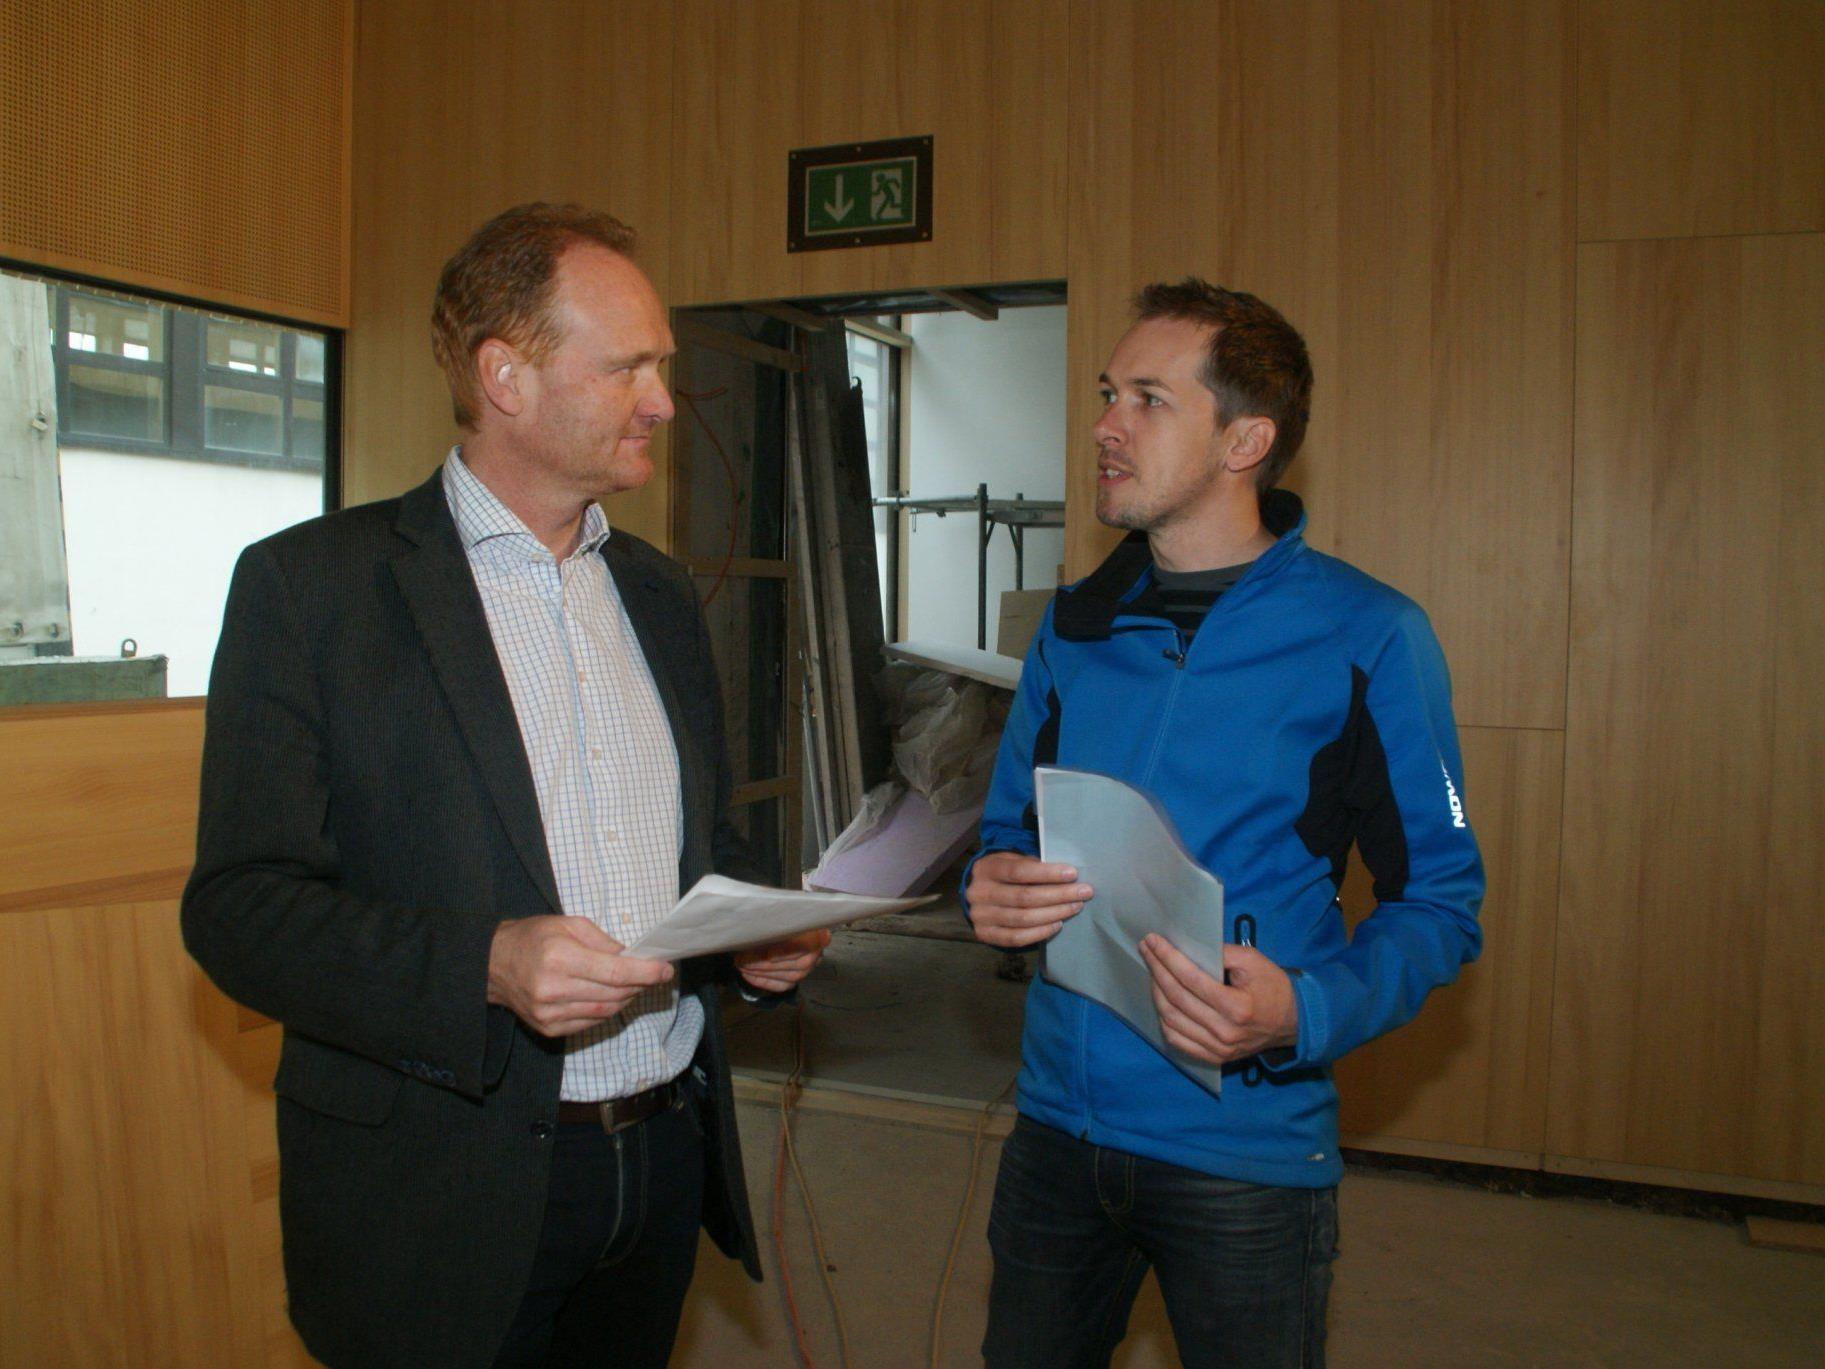 Besprechung vor Ort: Bürgermeister Guido Flatz und Bauleiter Reinhard Schmelzenbach